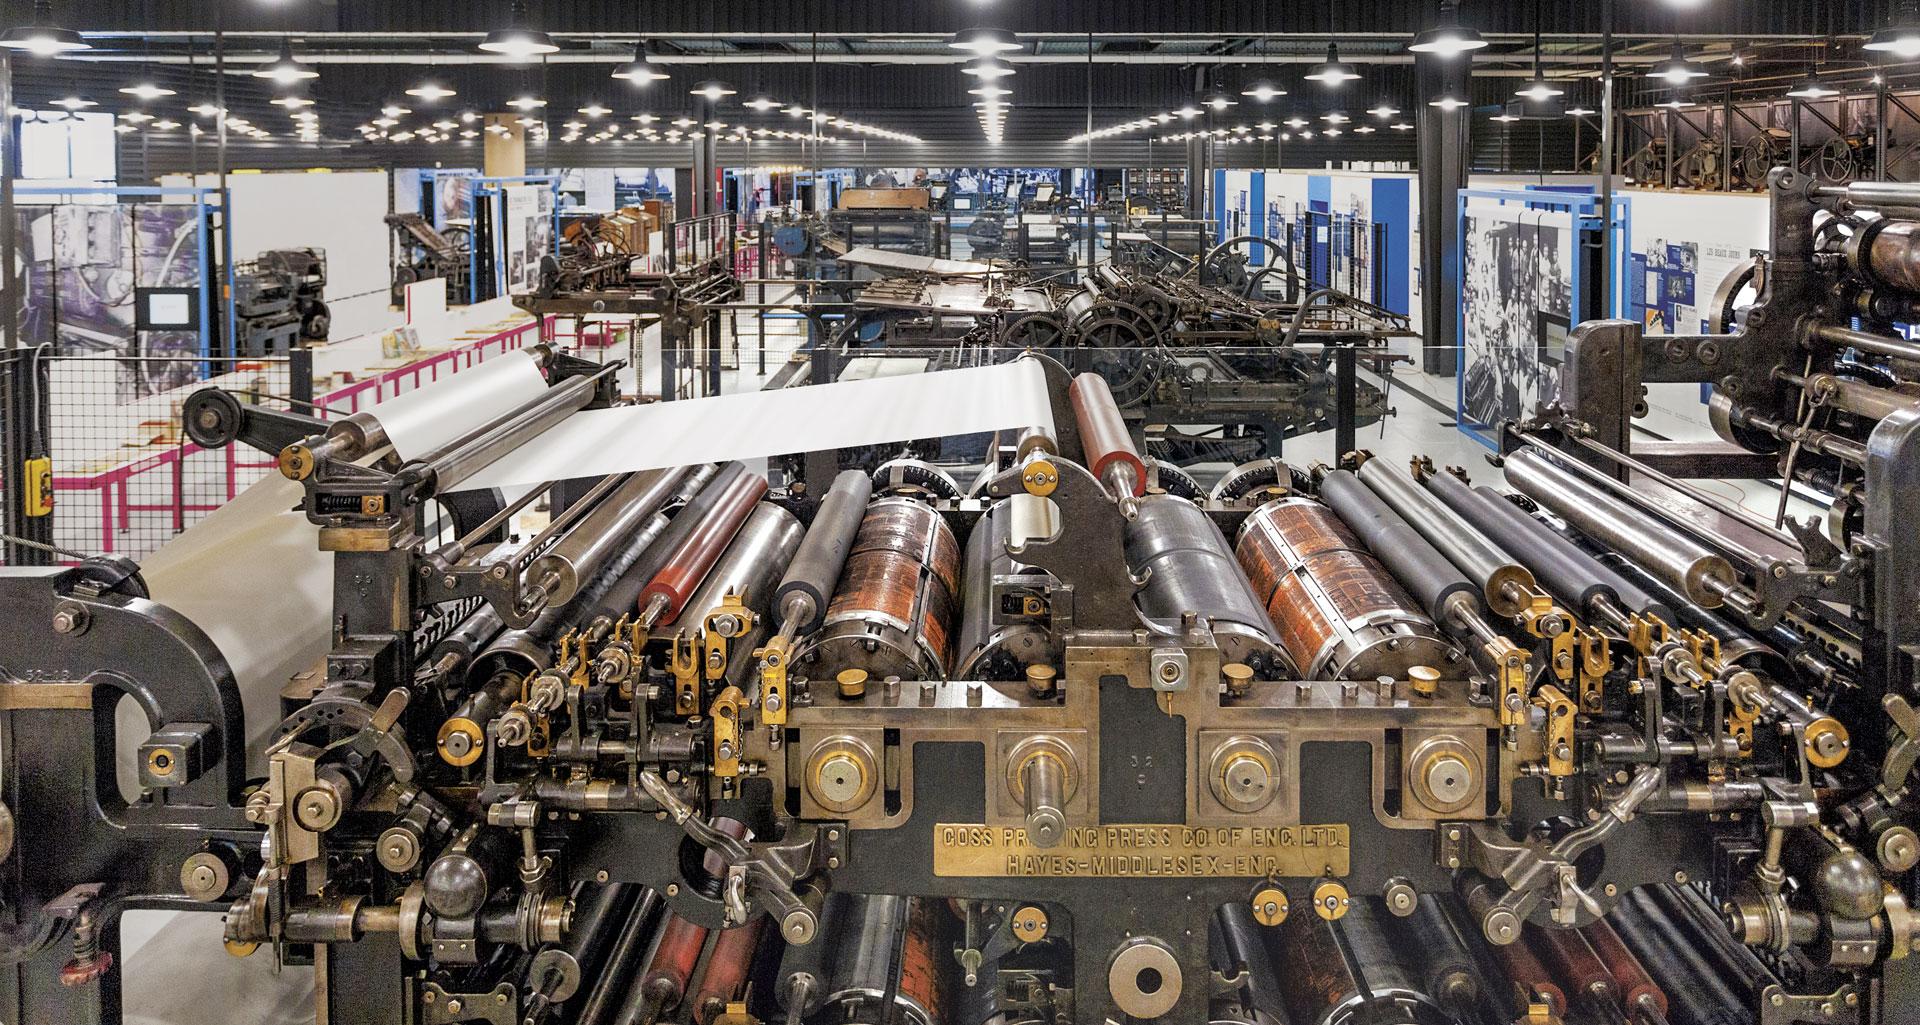 Vue des machines - AMI - Atelier Musée de l'Imprimerie - Malesherbes France